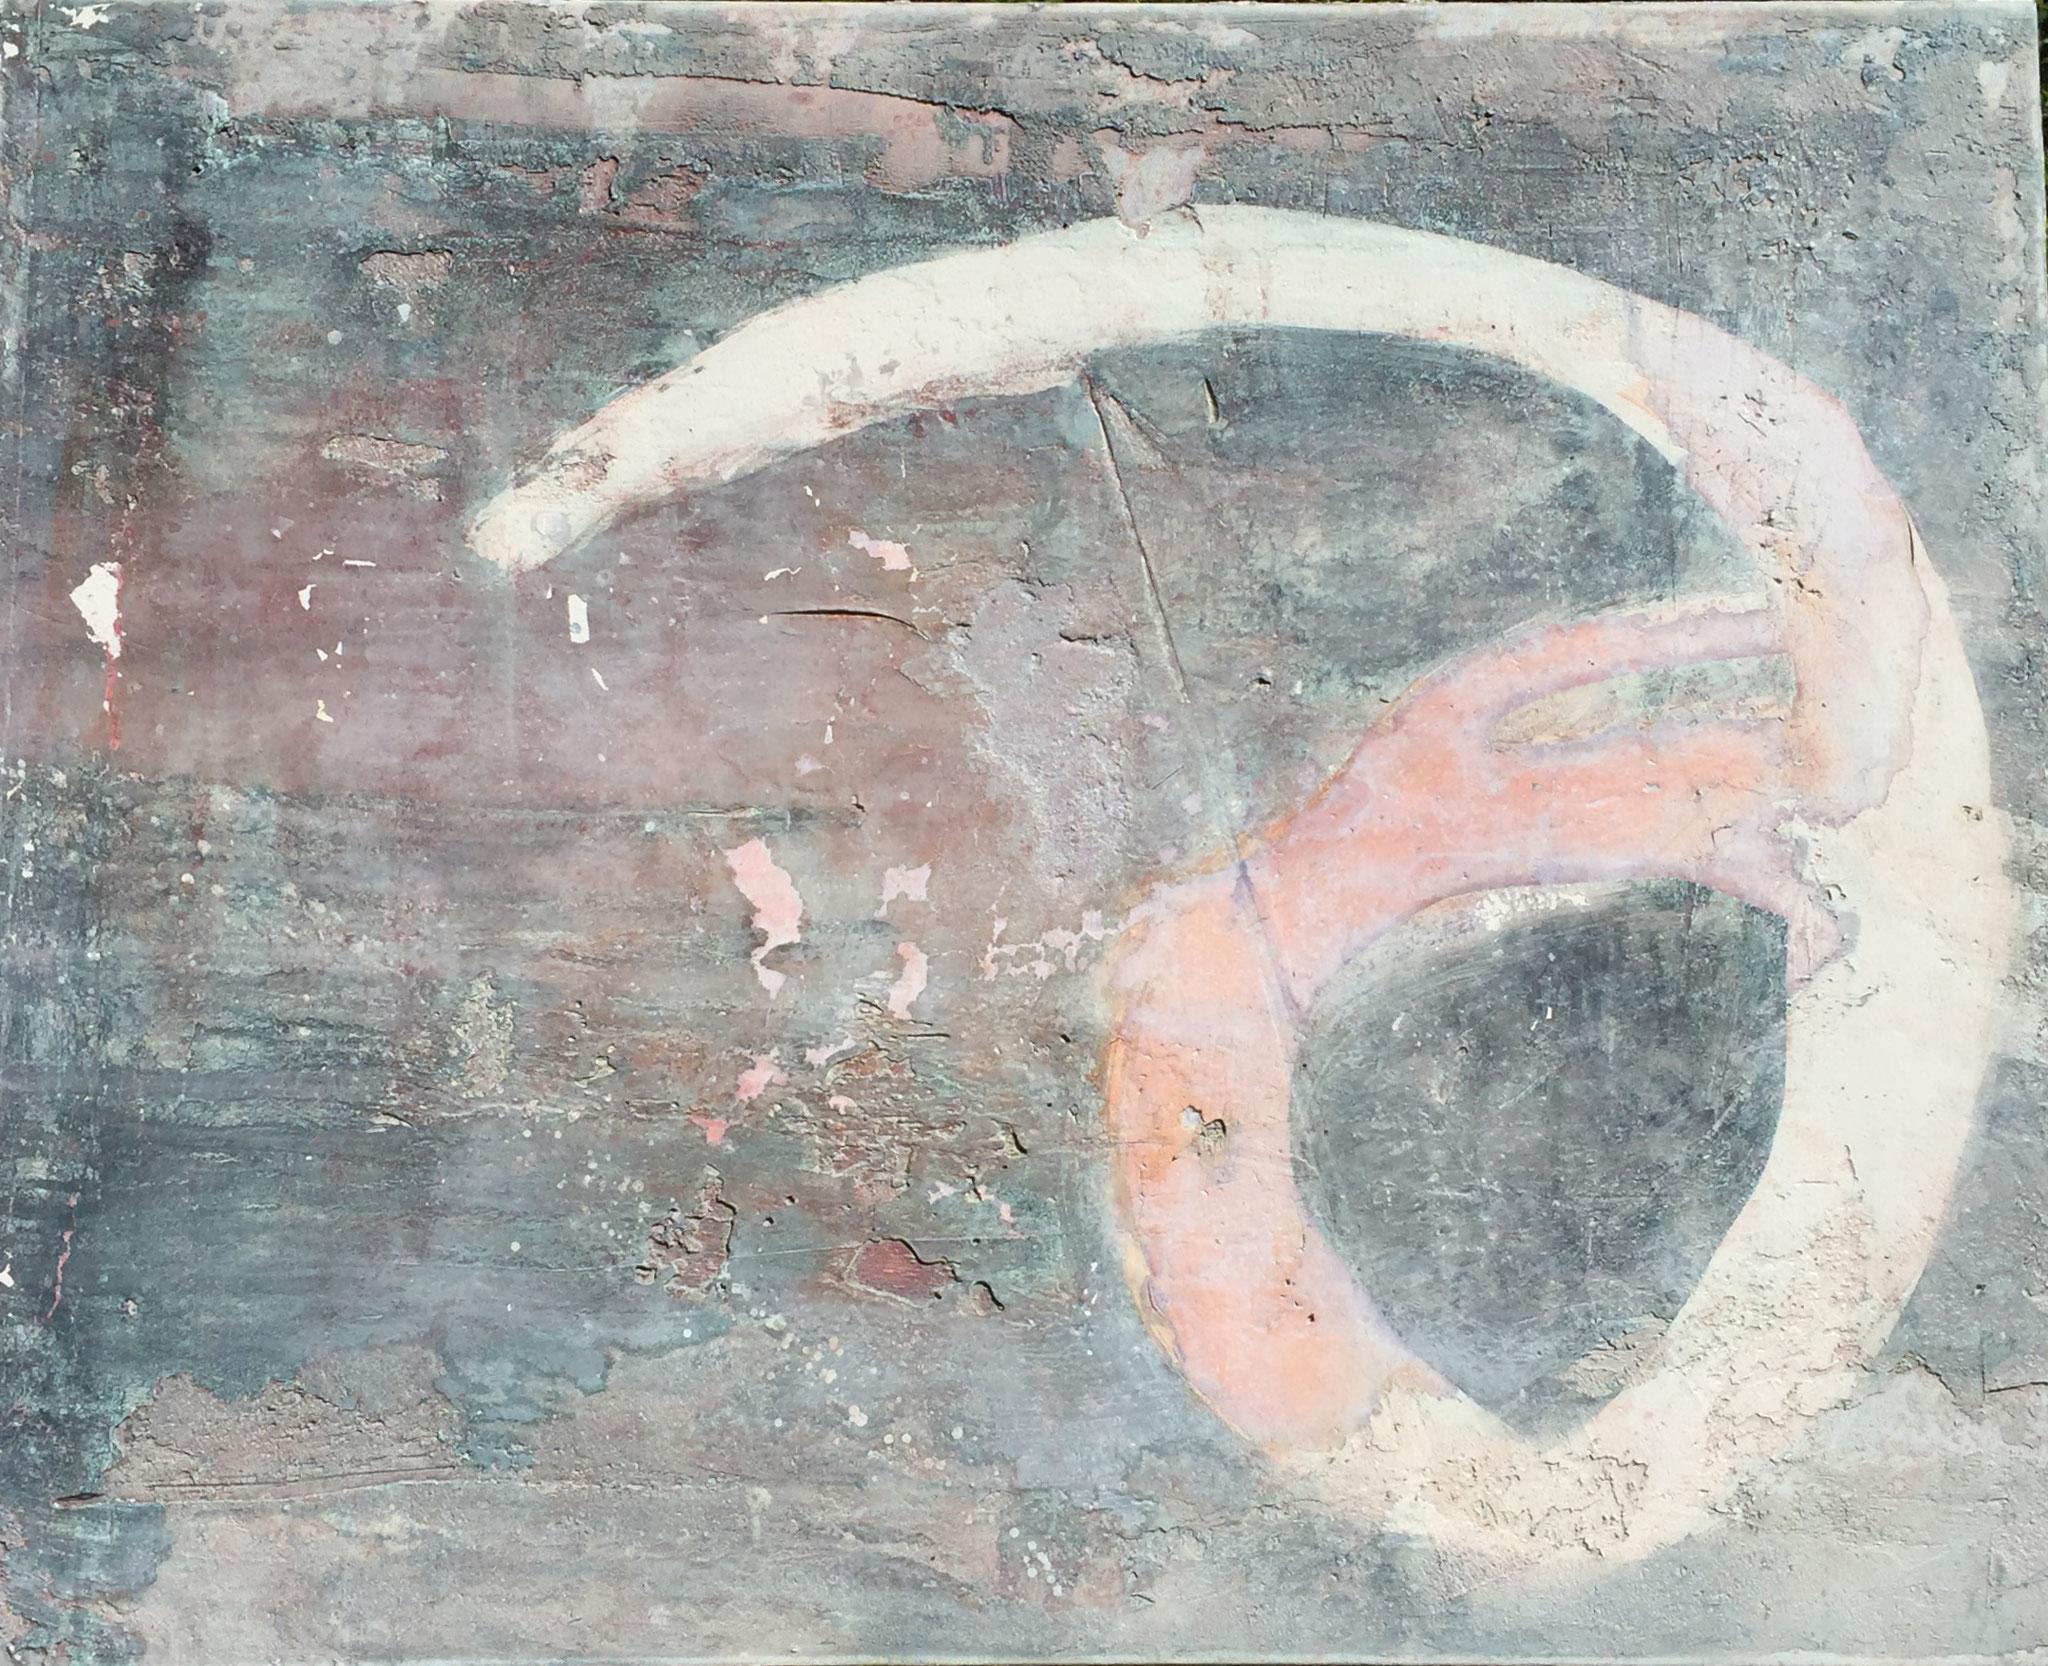 Kryptisch, 70cm x 1m, Steinzeichen